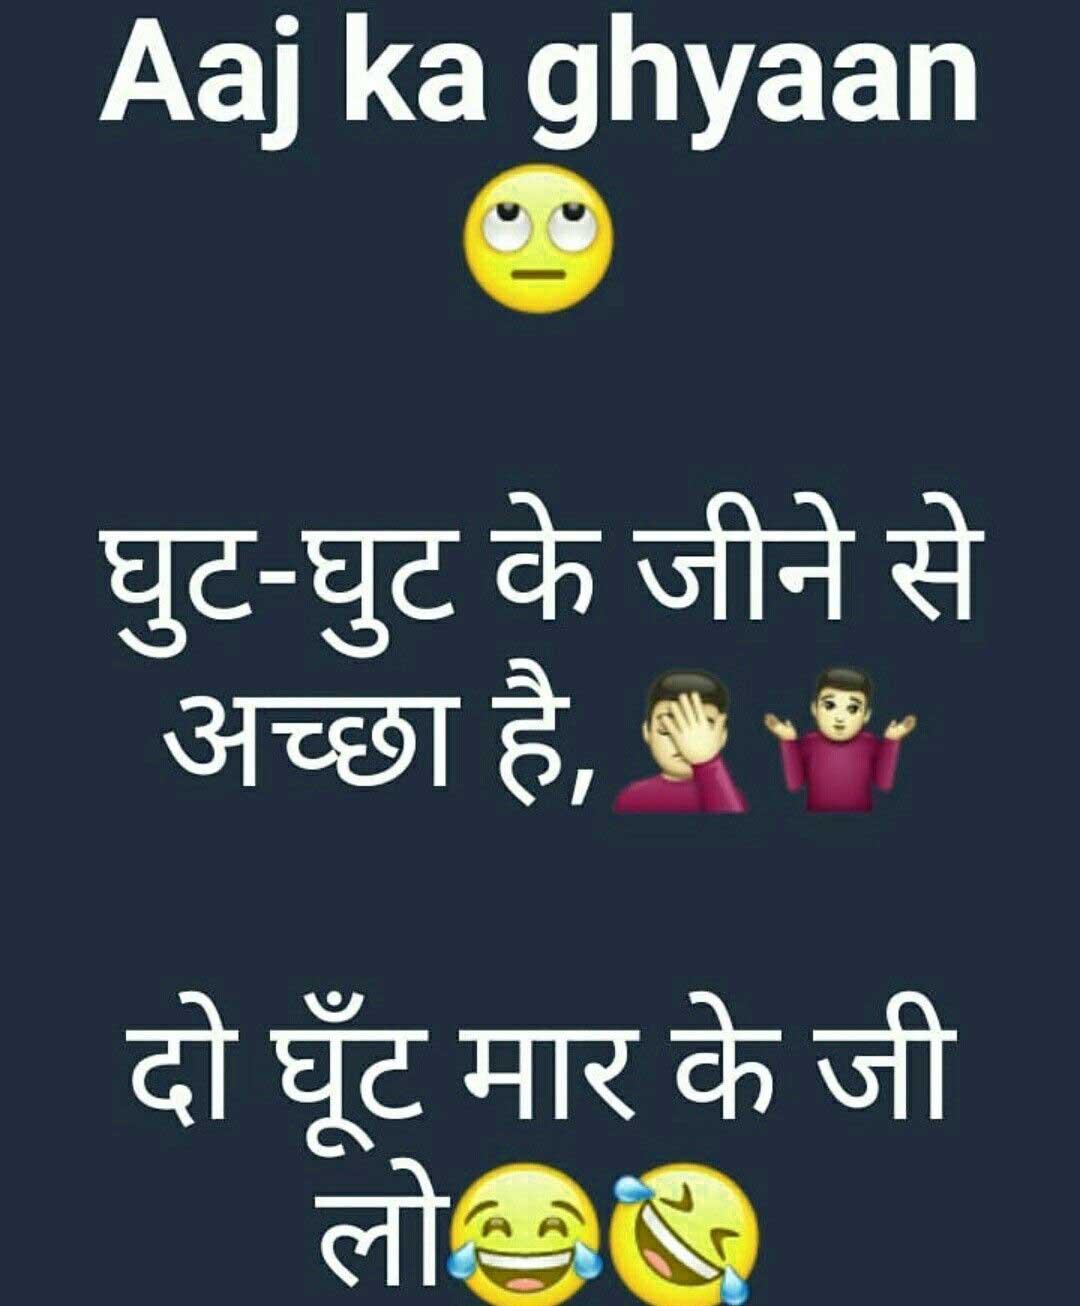 New Hindi Funny Status Pics Images